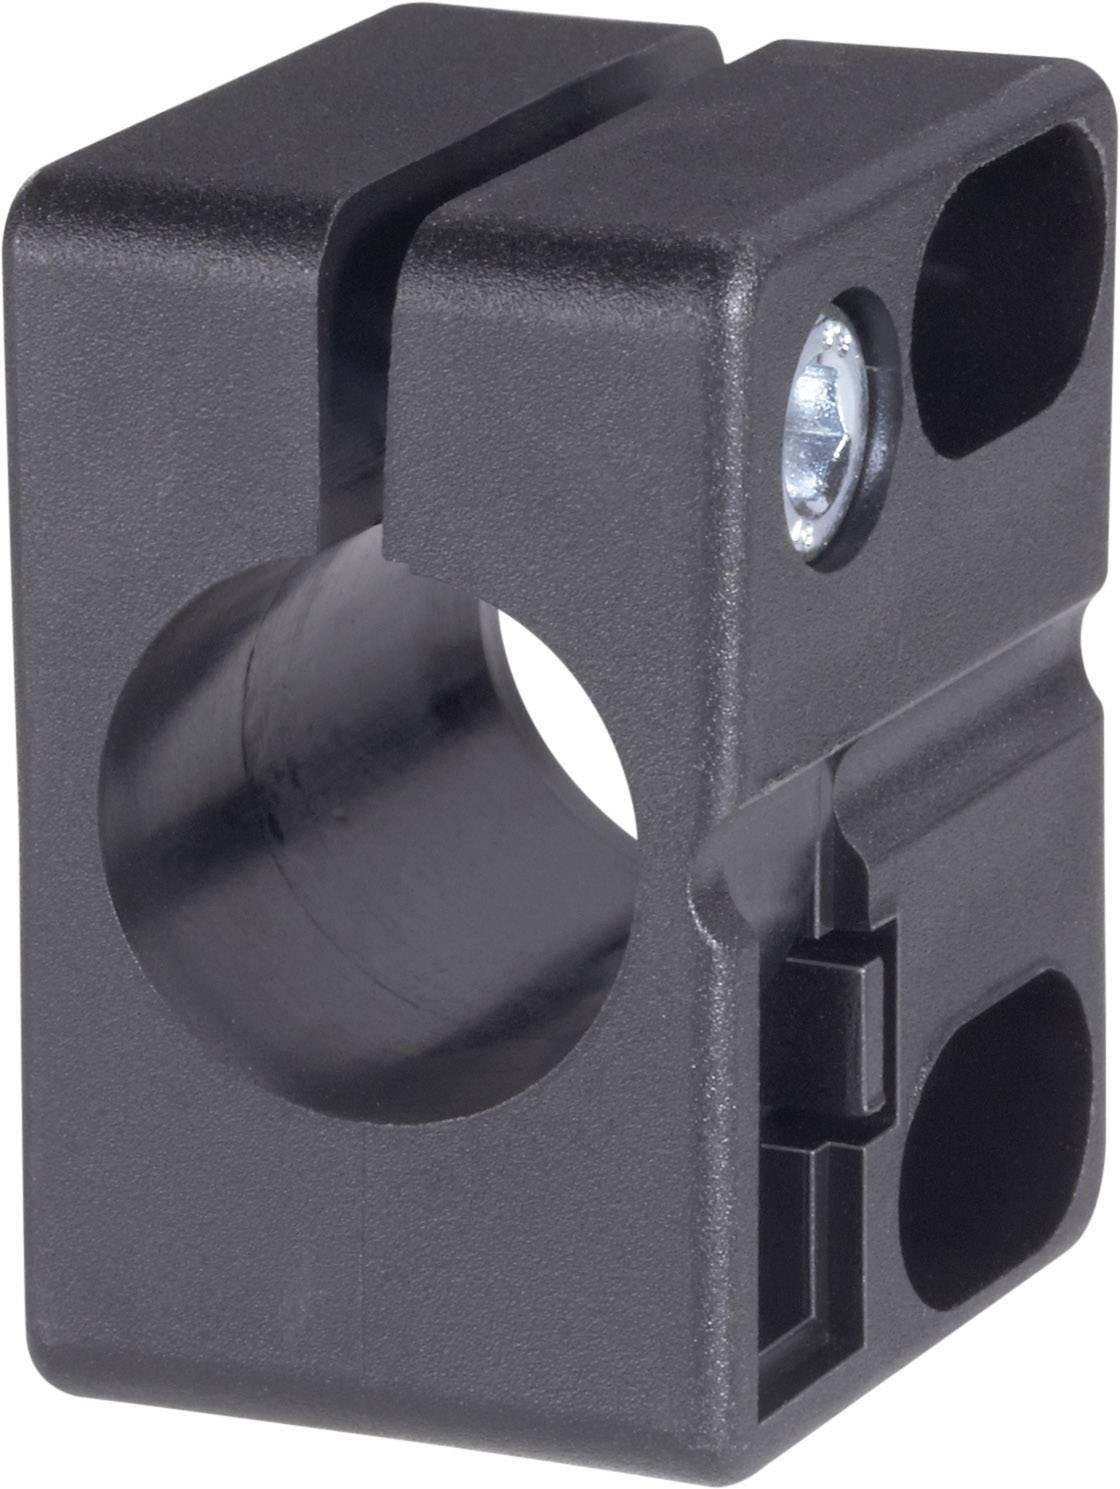 Držák senzoru Contrinex ASU-0001-120 (606 000 007), ASU-0001-120, PA 6 černá